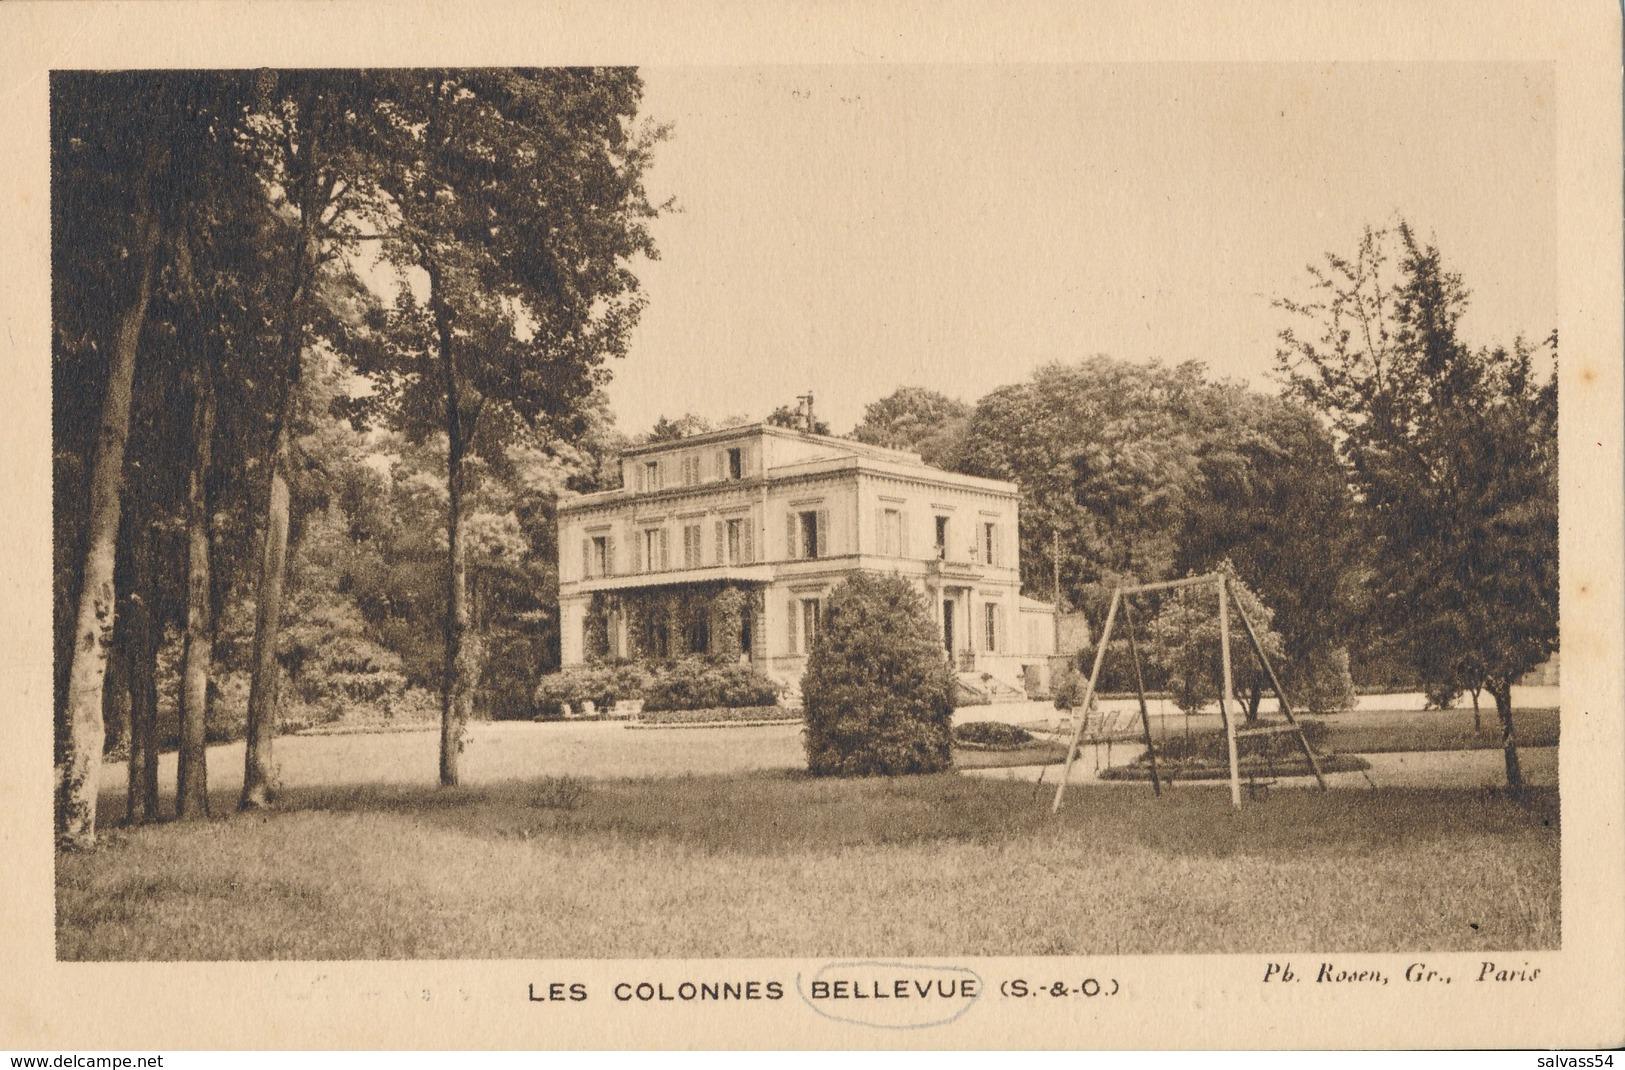 92) BELLEVUE MEUDON : Les Colonnes - Tarif Cartes Postales Rosen Au Verso - Meudon